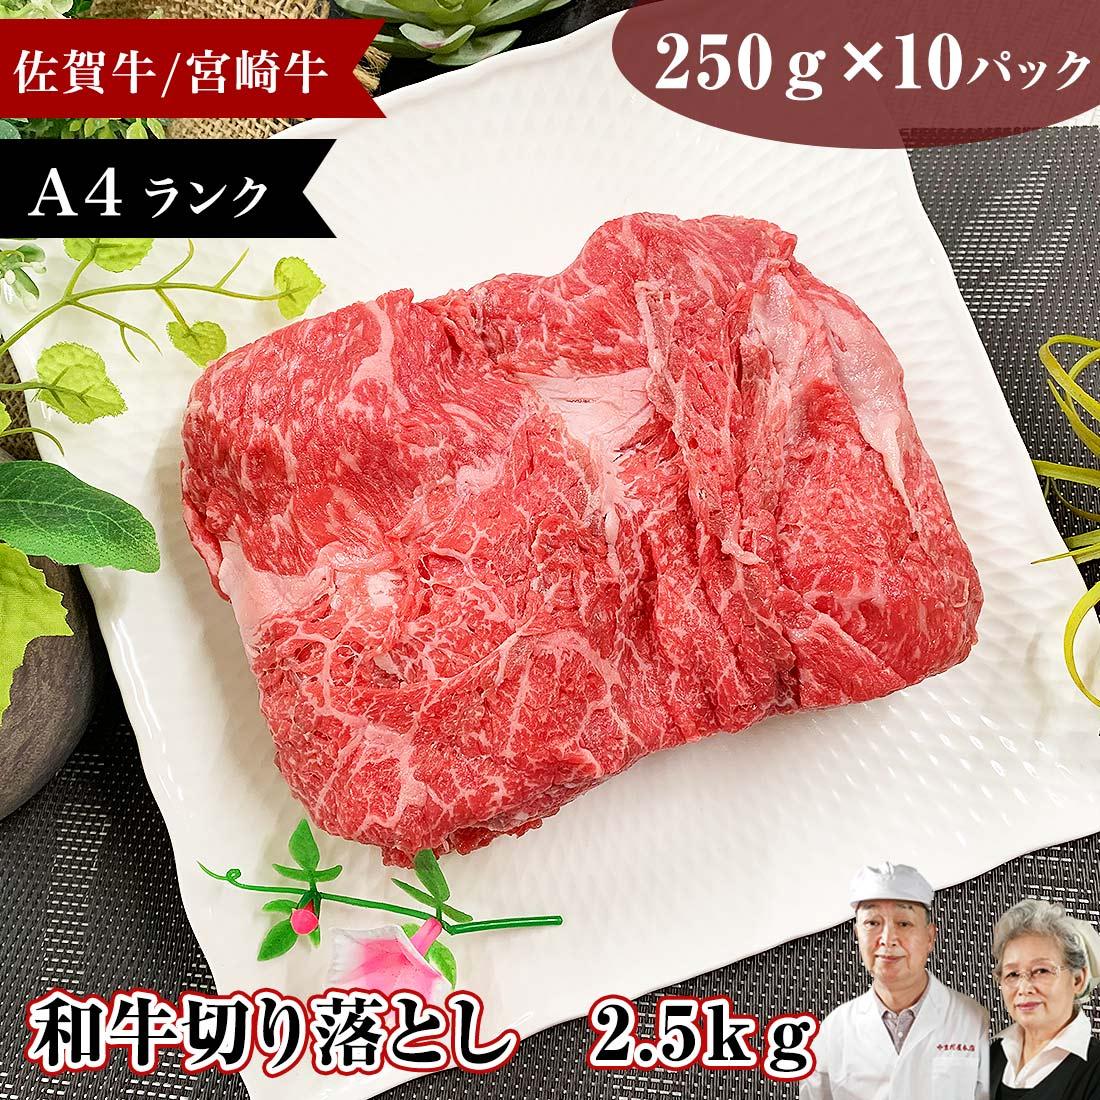 【ポイント20倍】佐賀牛 宮崎牛 A4 ちょっとリッチな 切り落とし 2kg 切落し 送料無料 牛肉 セール 訳あり わけあり 焼肉 肉 冷蔵 冷凍 コロナ すき焼き 肉じゃが 自宅用